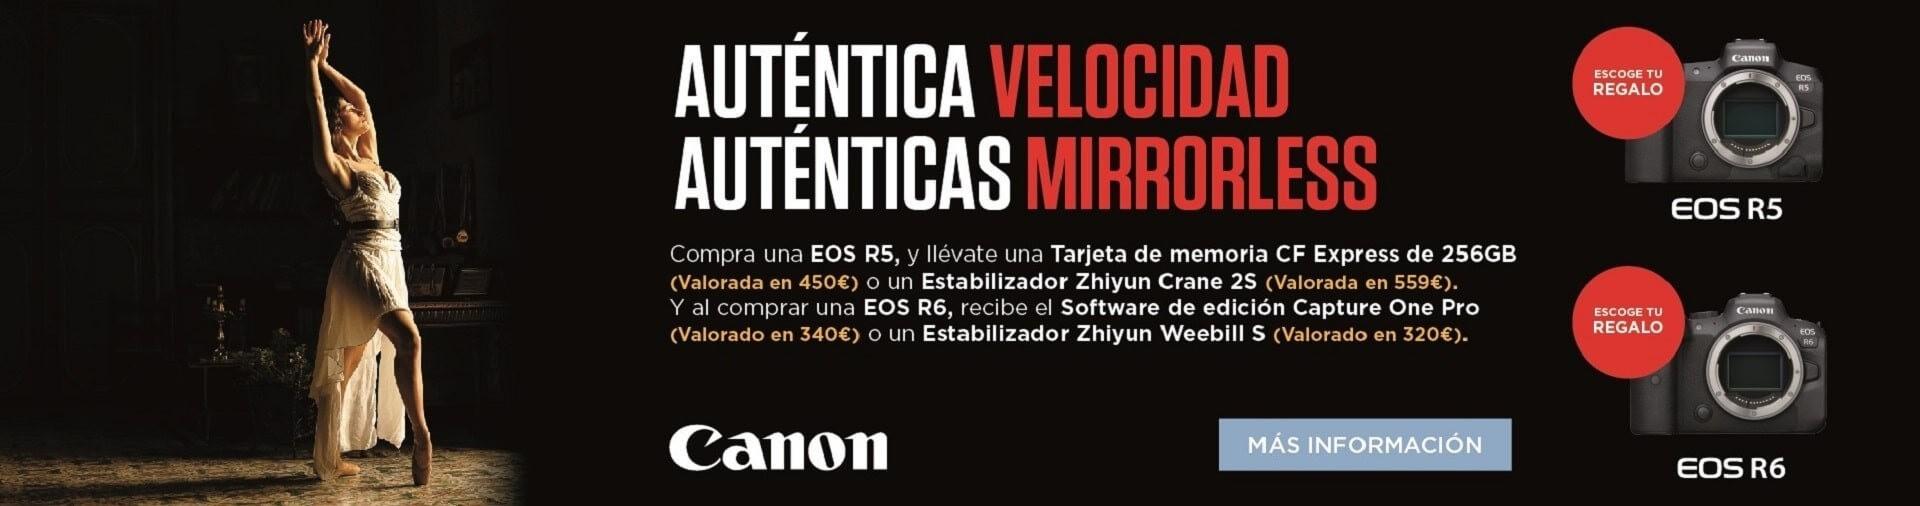 CANON PROMO R5 R6